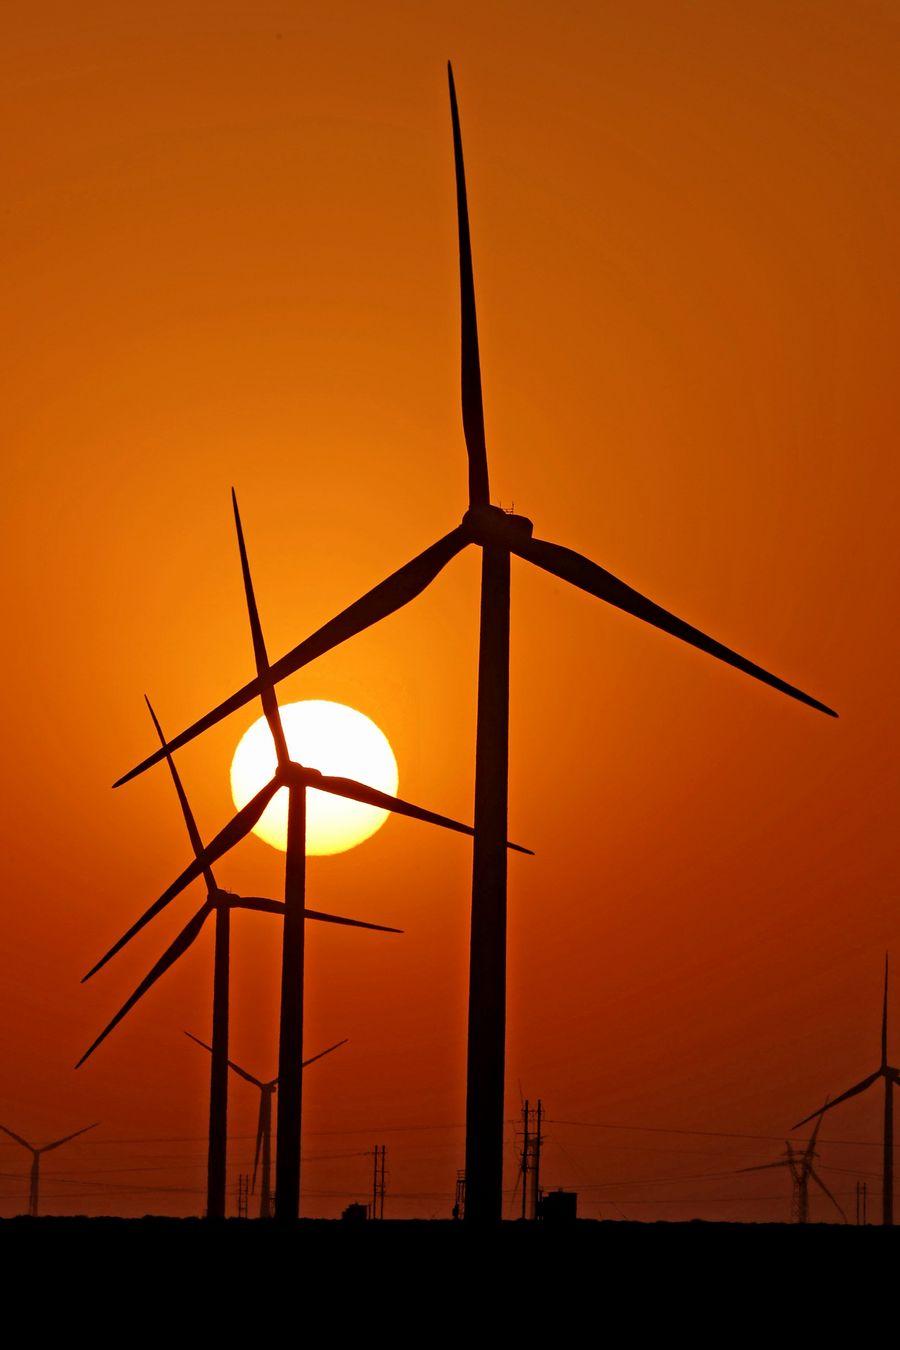 Energia limpa da China cresce rapidamente nos primeiros três trimestres do ano